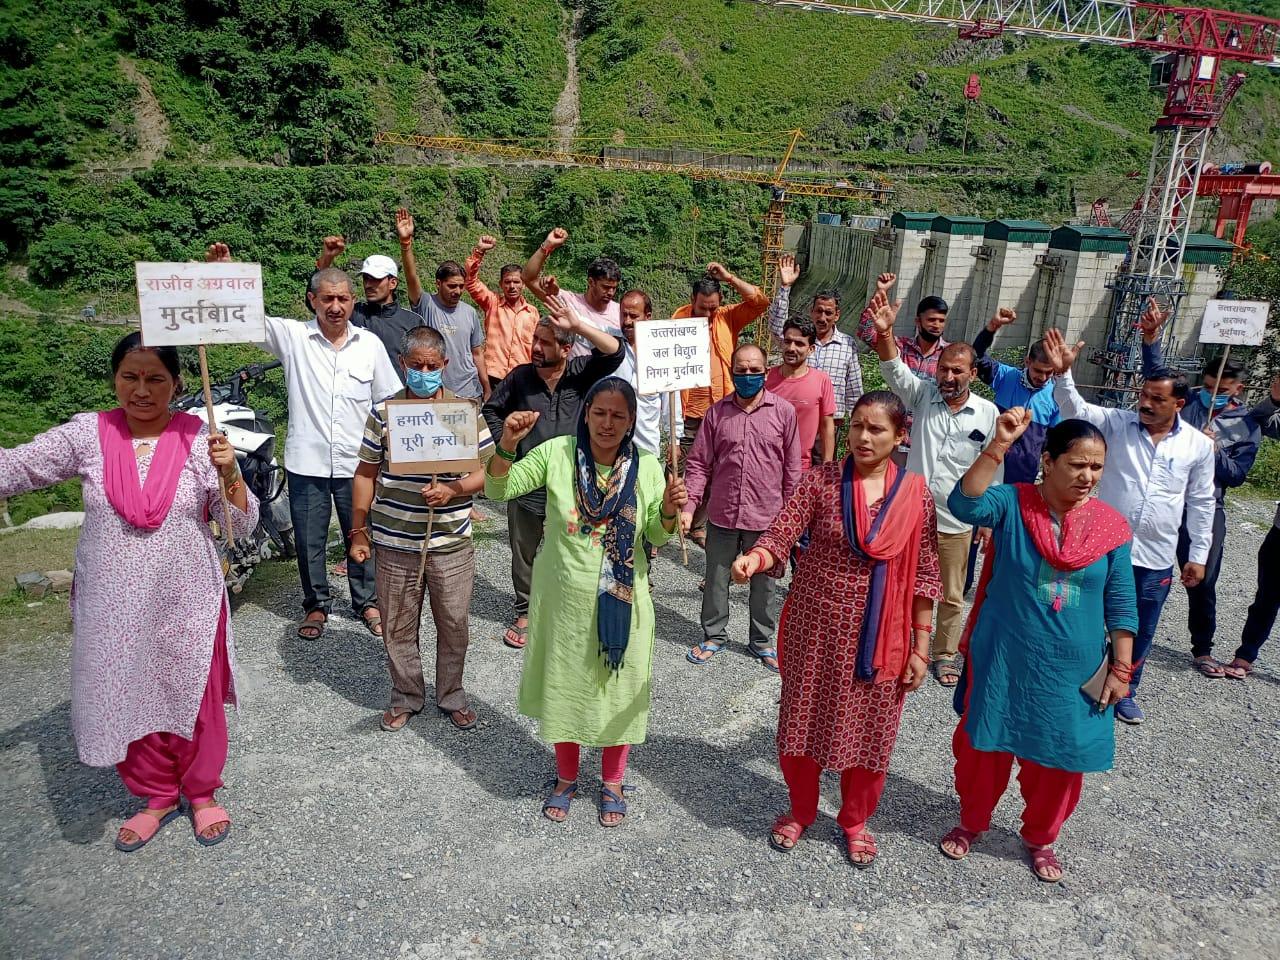 उत्तराखंड :  90वें दिन भी ब्यासी बांध से पुर्ण रुप से प्रभावित एकमात्र राजस्व गांव लोहारी का धरना प्रदर्शन जारी